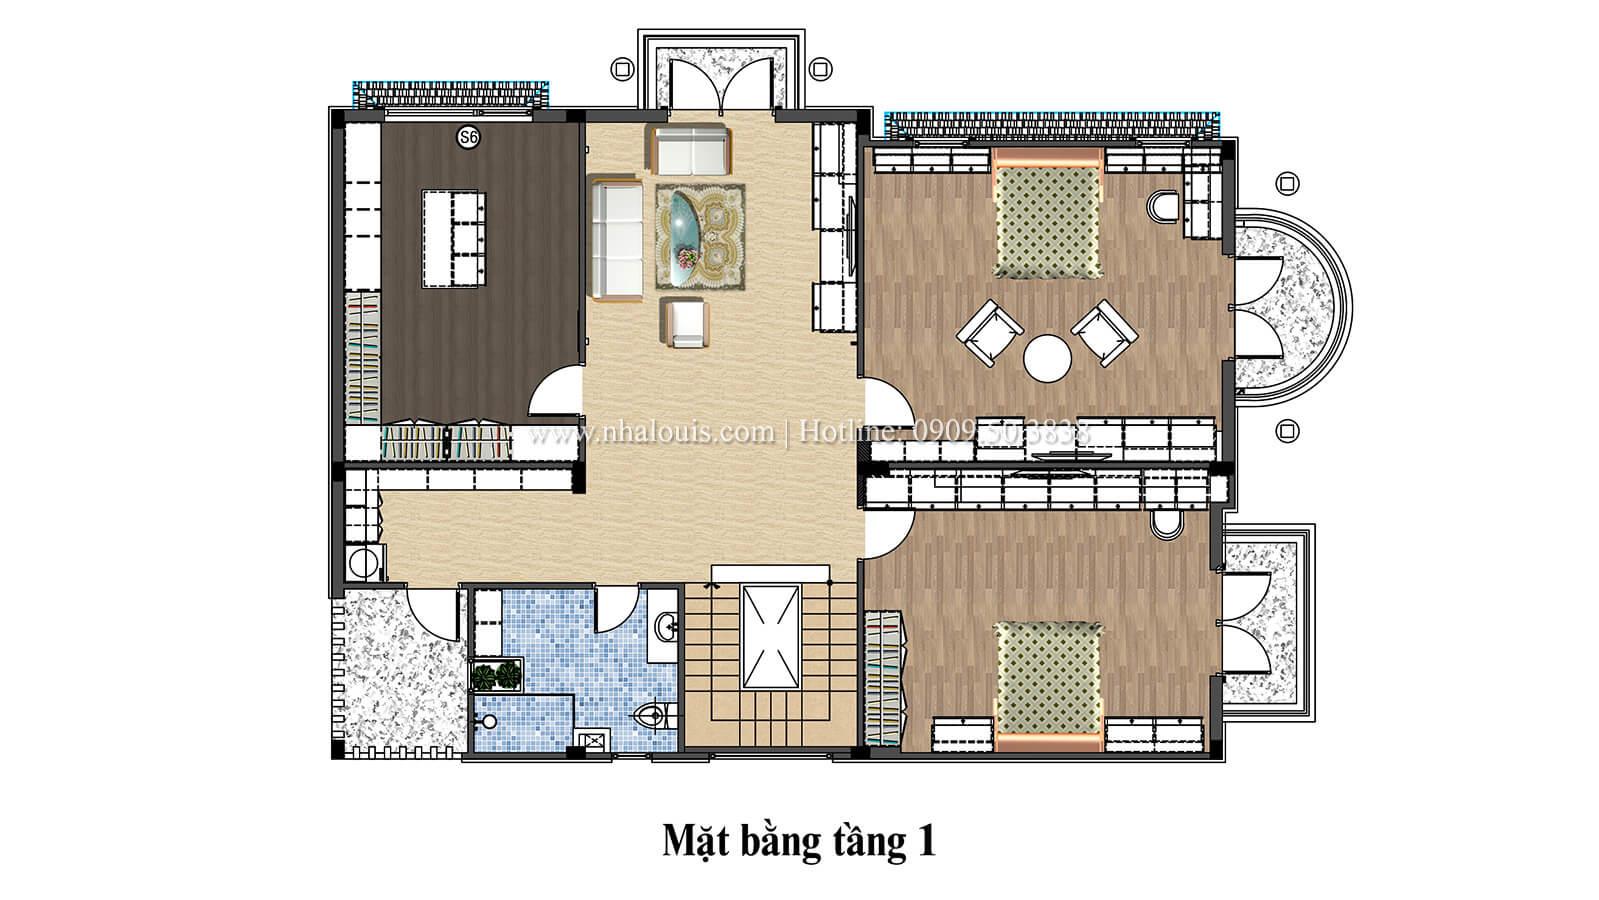 Mặt bằng tầng 1 nhà 2 tầng hiện đại mái thái